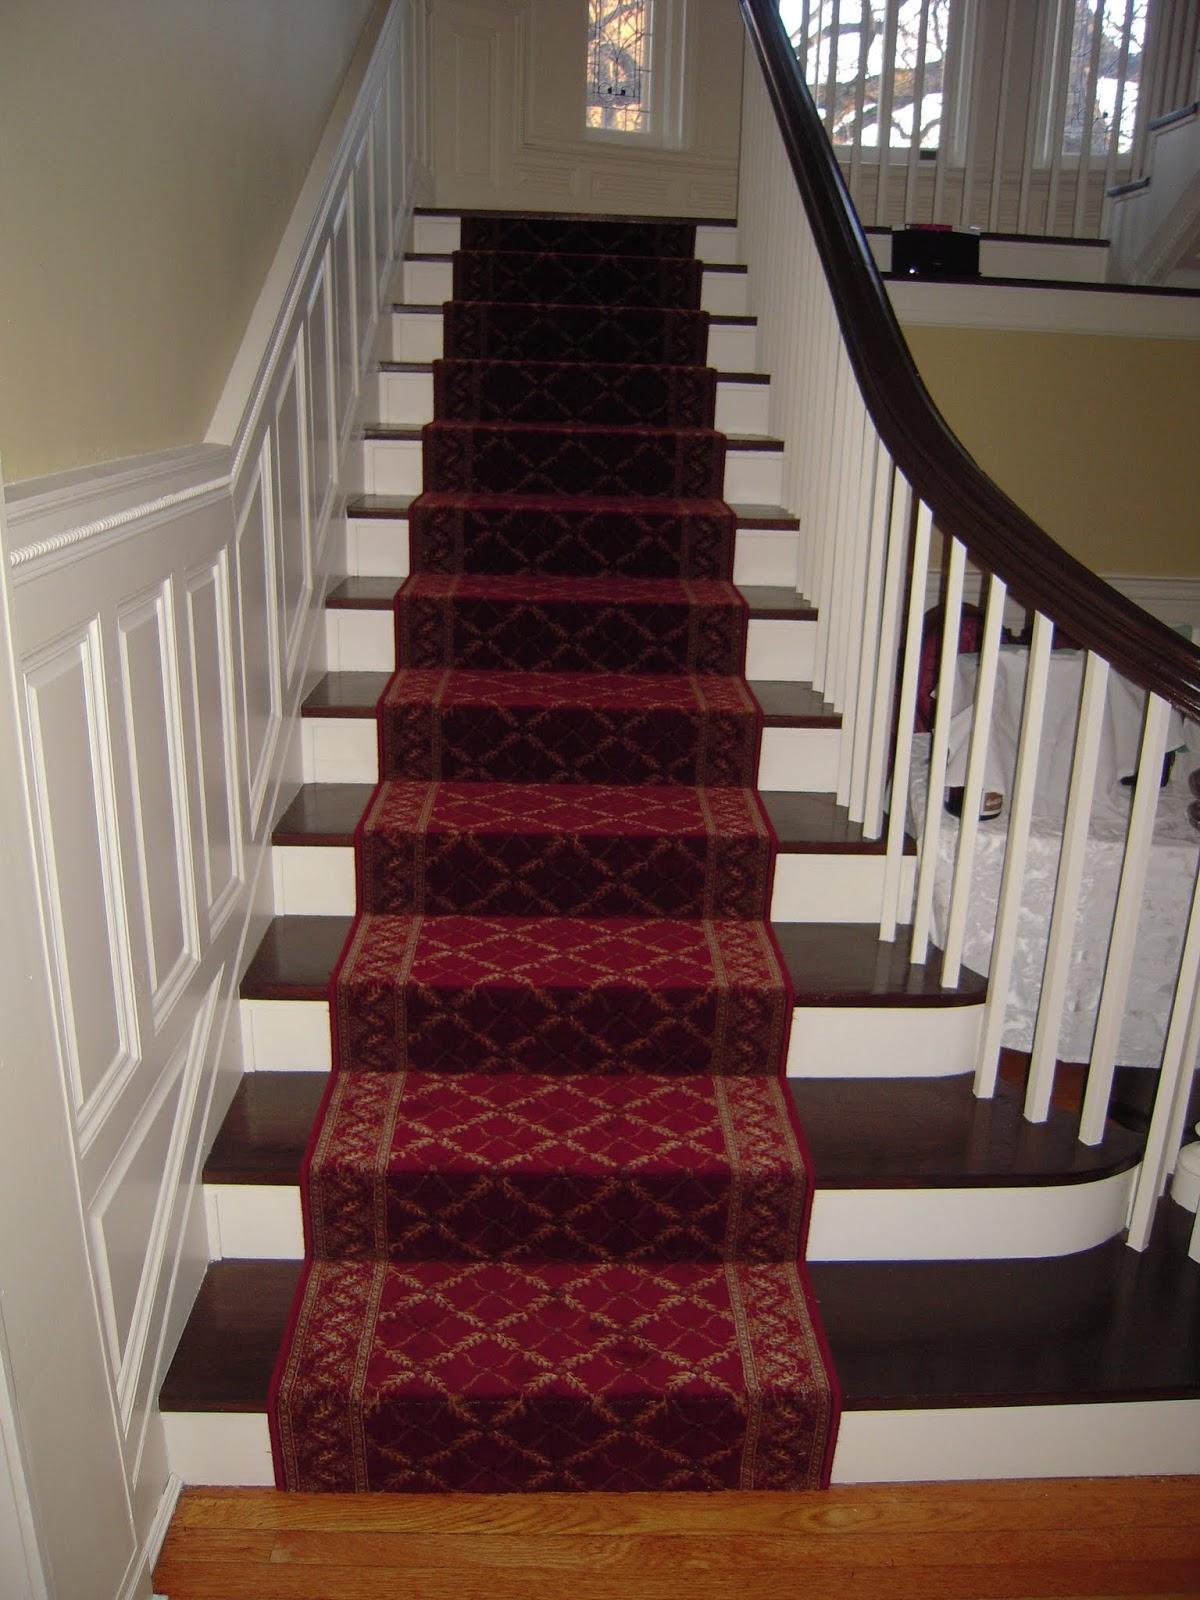 Decorative Carpet Runner Intended For Red Runner Rugs For Hallway (#6 of 20)